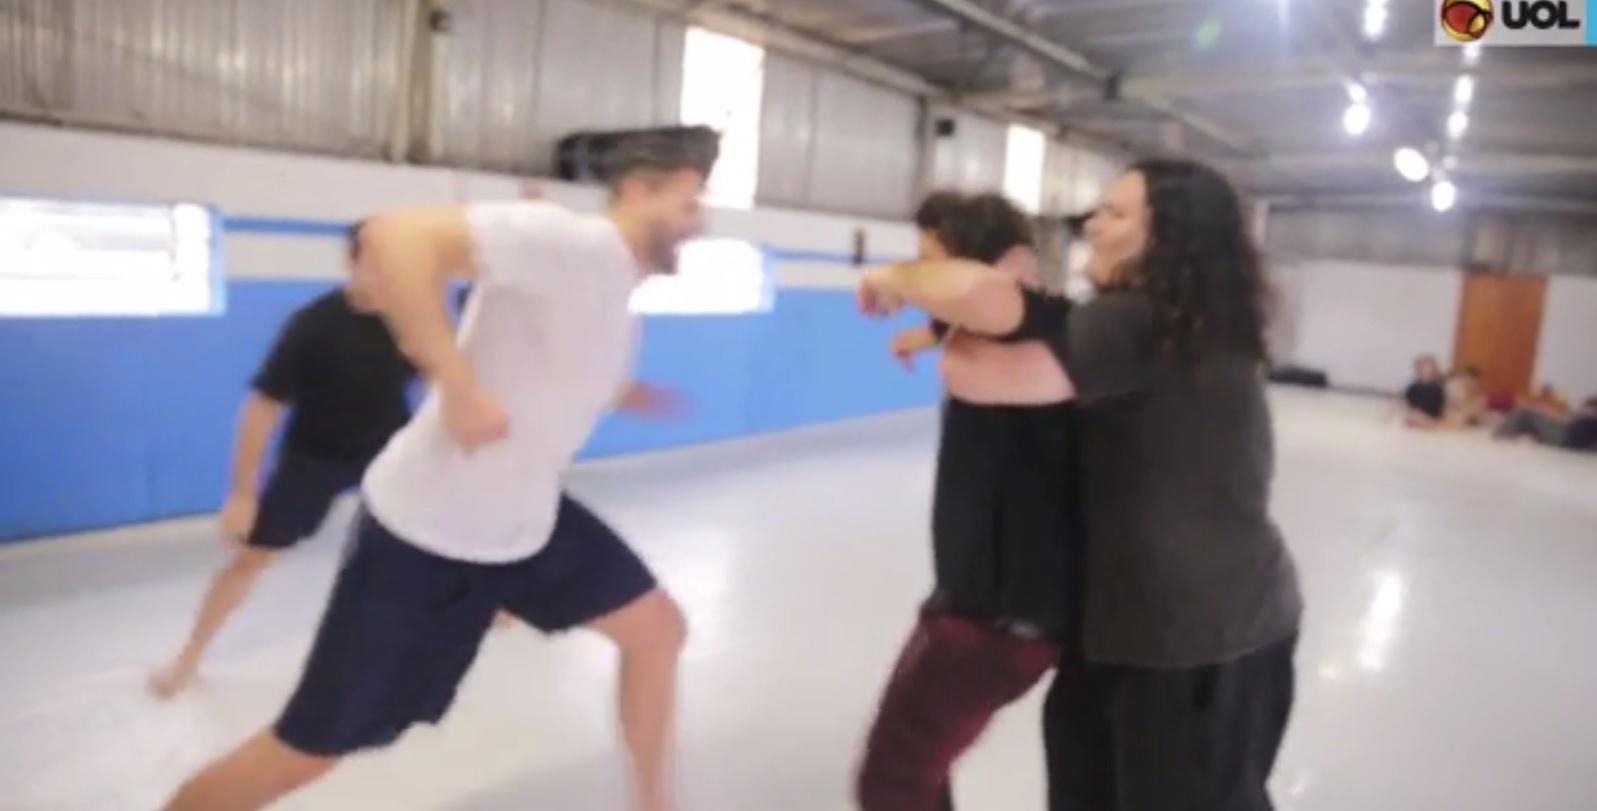 Repórter bate e apanha em escola de luta livre